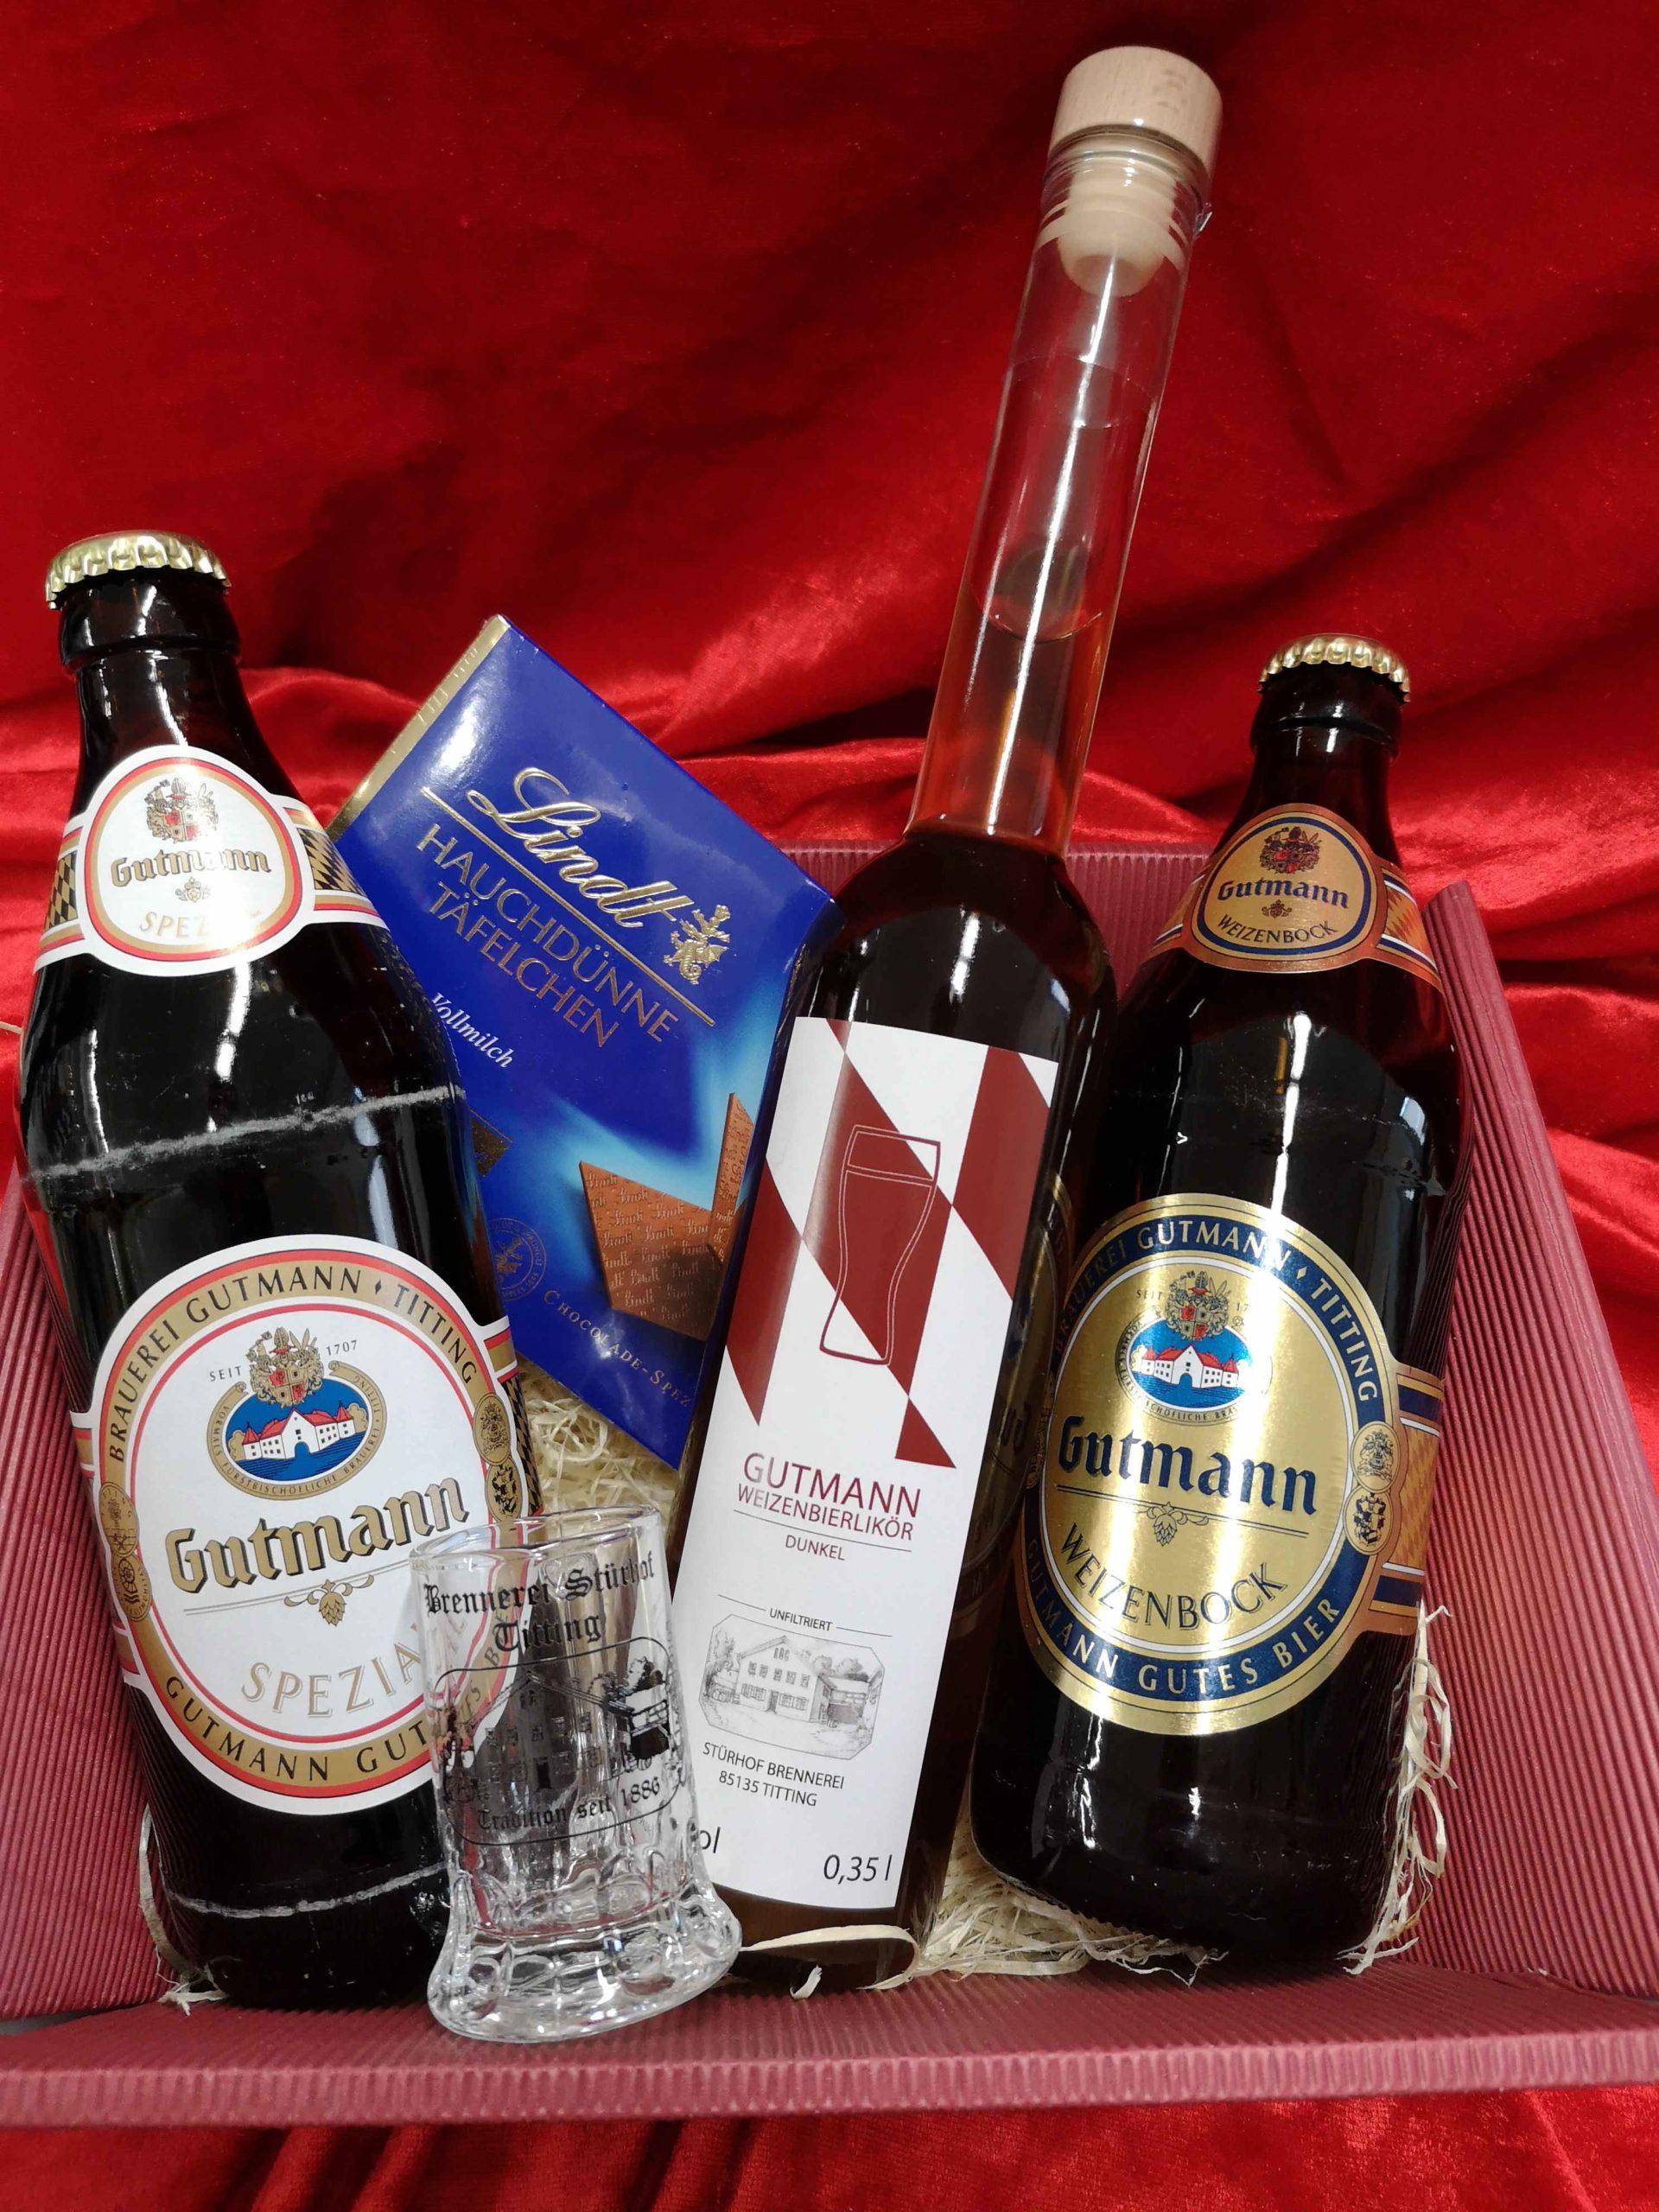 stuerhof-geschenk-mit-bierlikoer-und-gutmann-weizenbock-lindt-schokolade